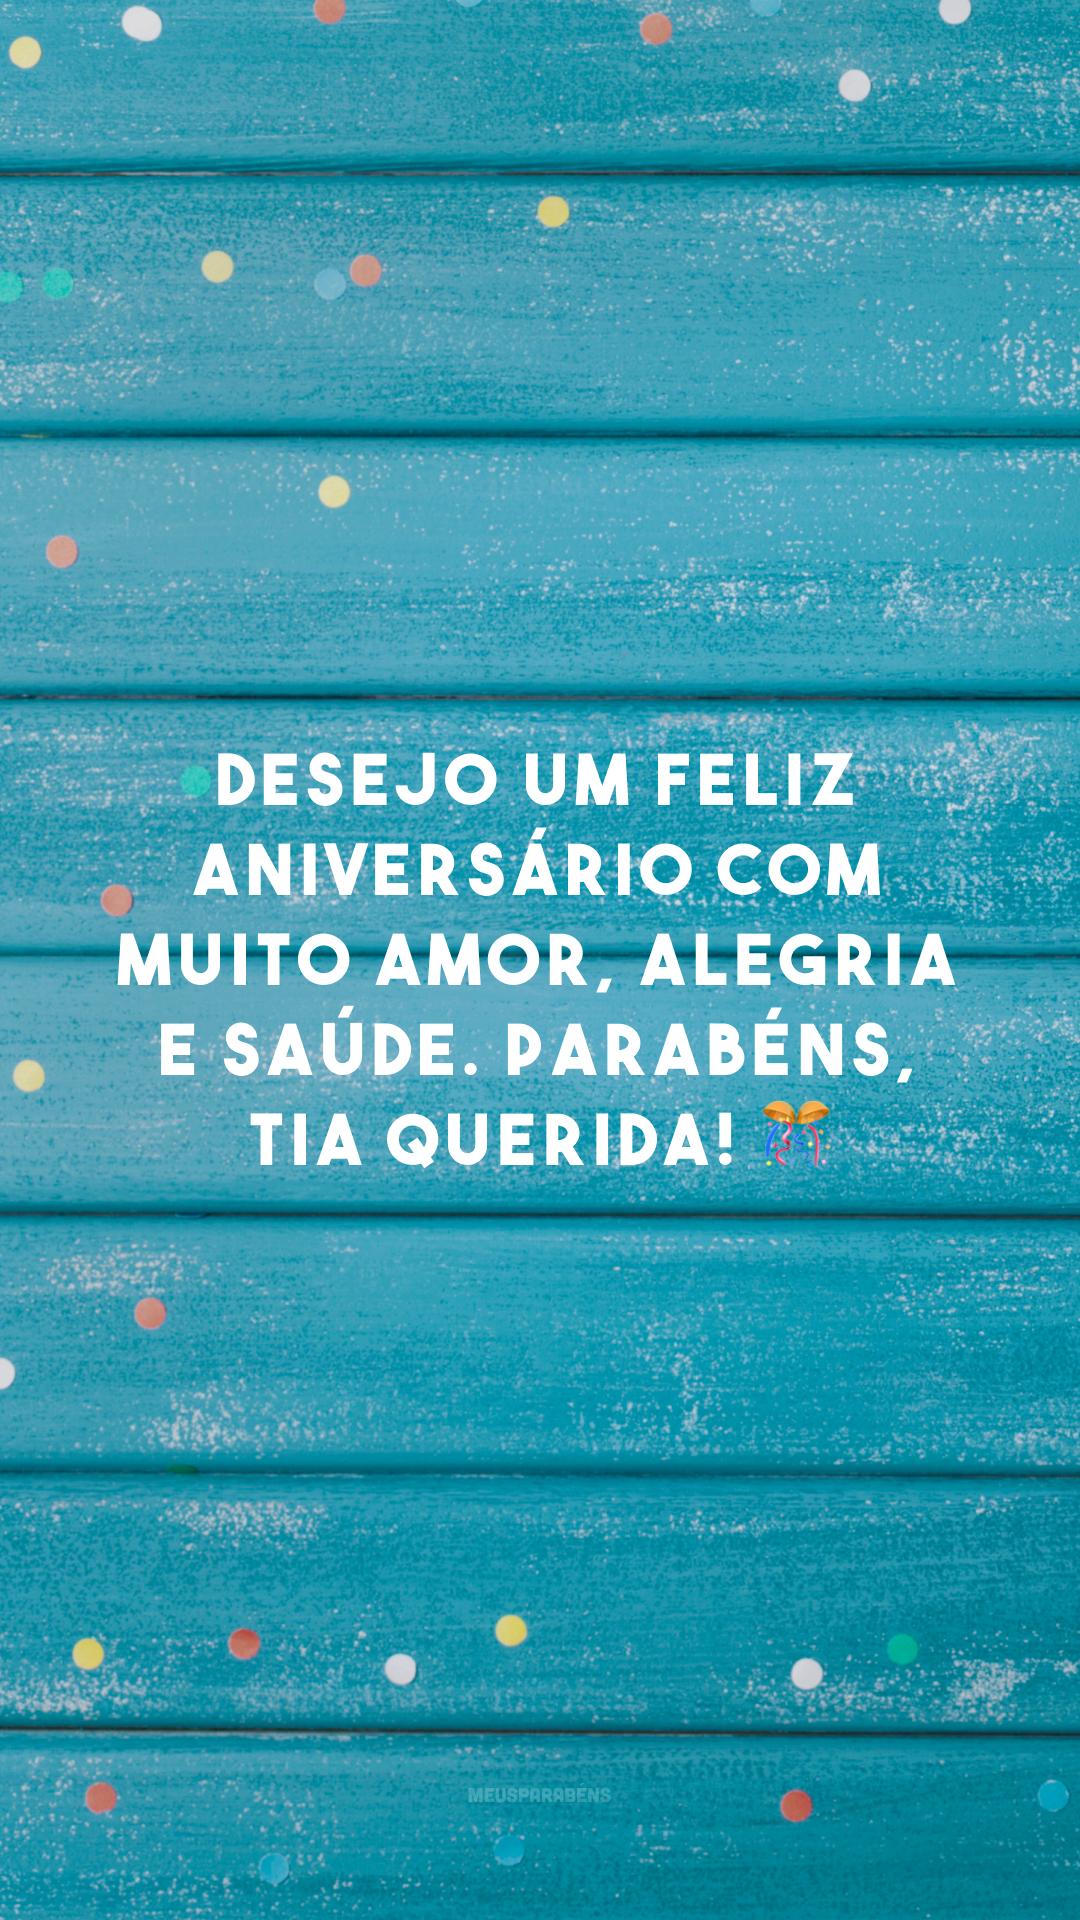 Desejo um feliz aniversário com muito amor, alegria e saúde. Parabéns, tia querida! 🎊